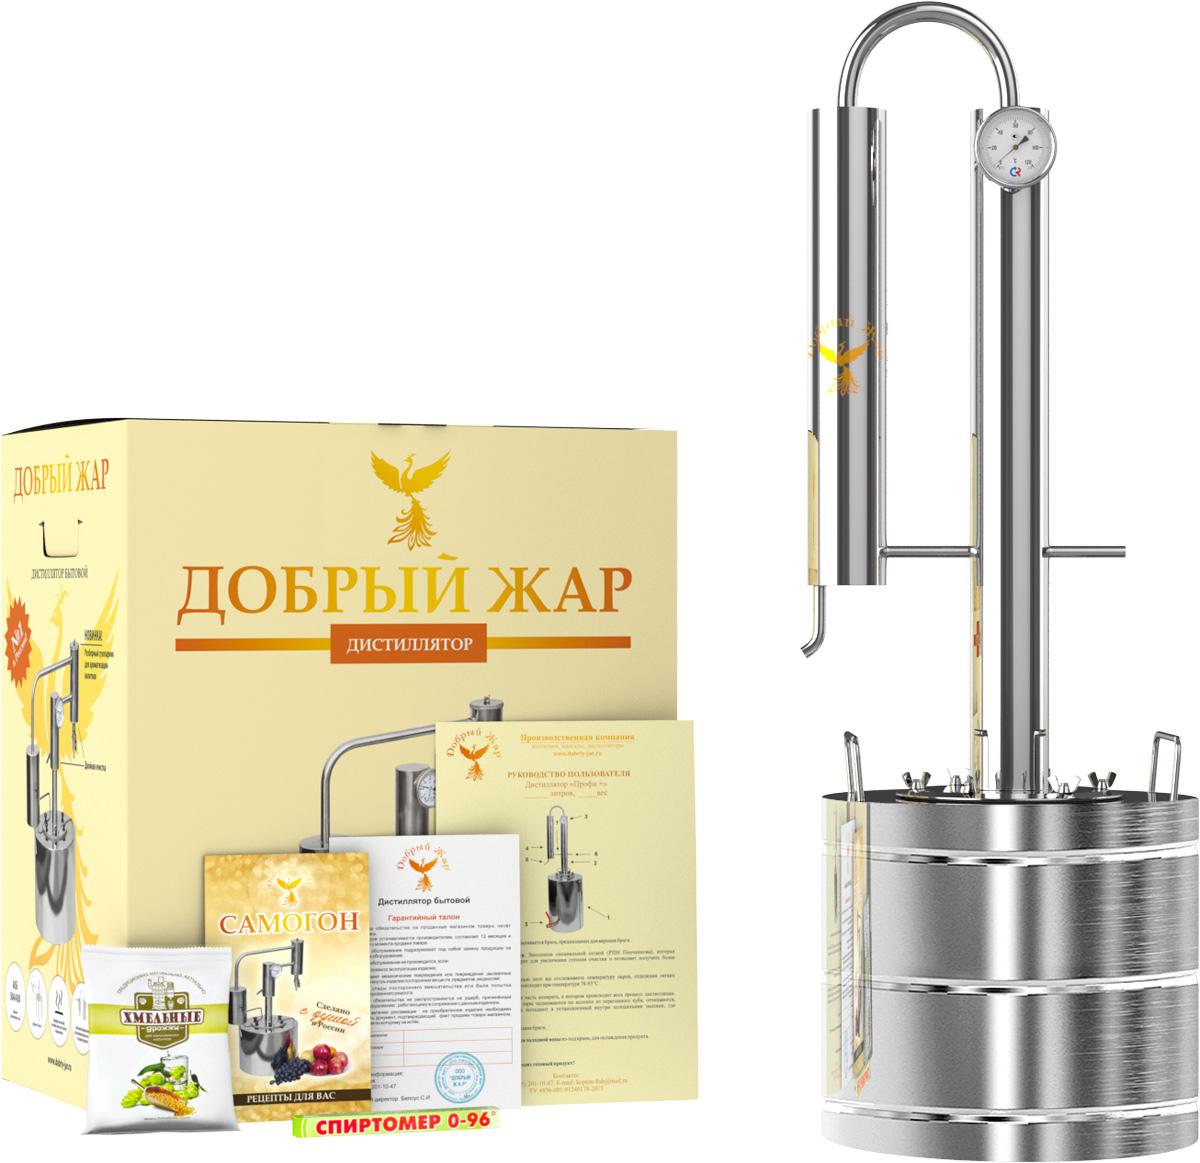 Дистиллятор проточный Профи Плюс 15 литров. дистиллятор проточный добрый жар профи плюс 40 литров